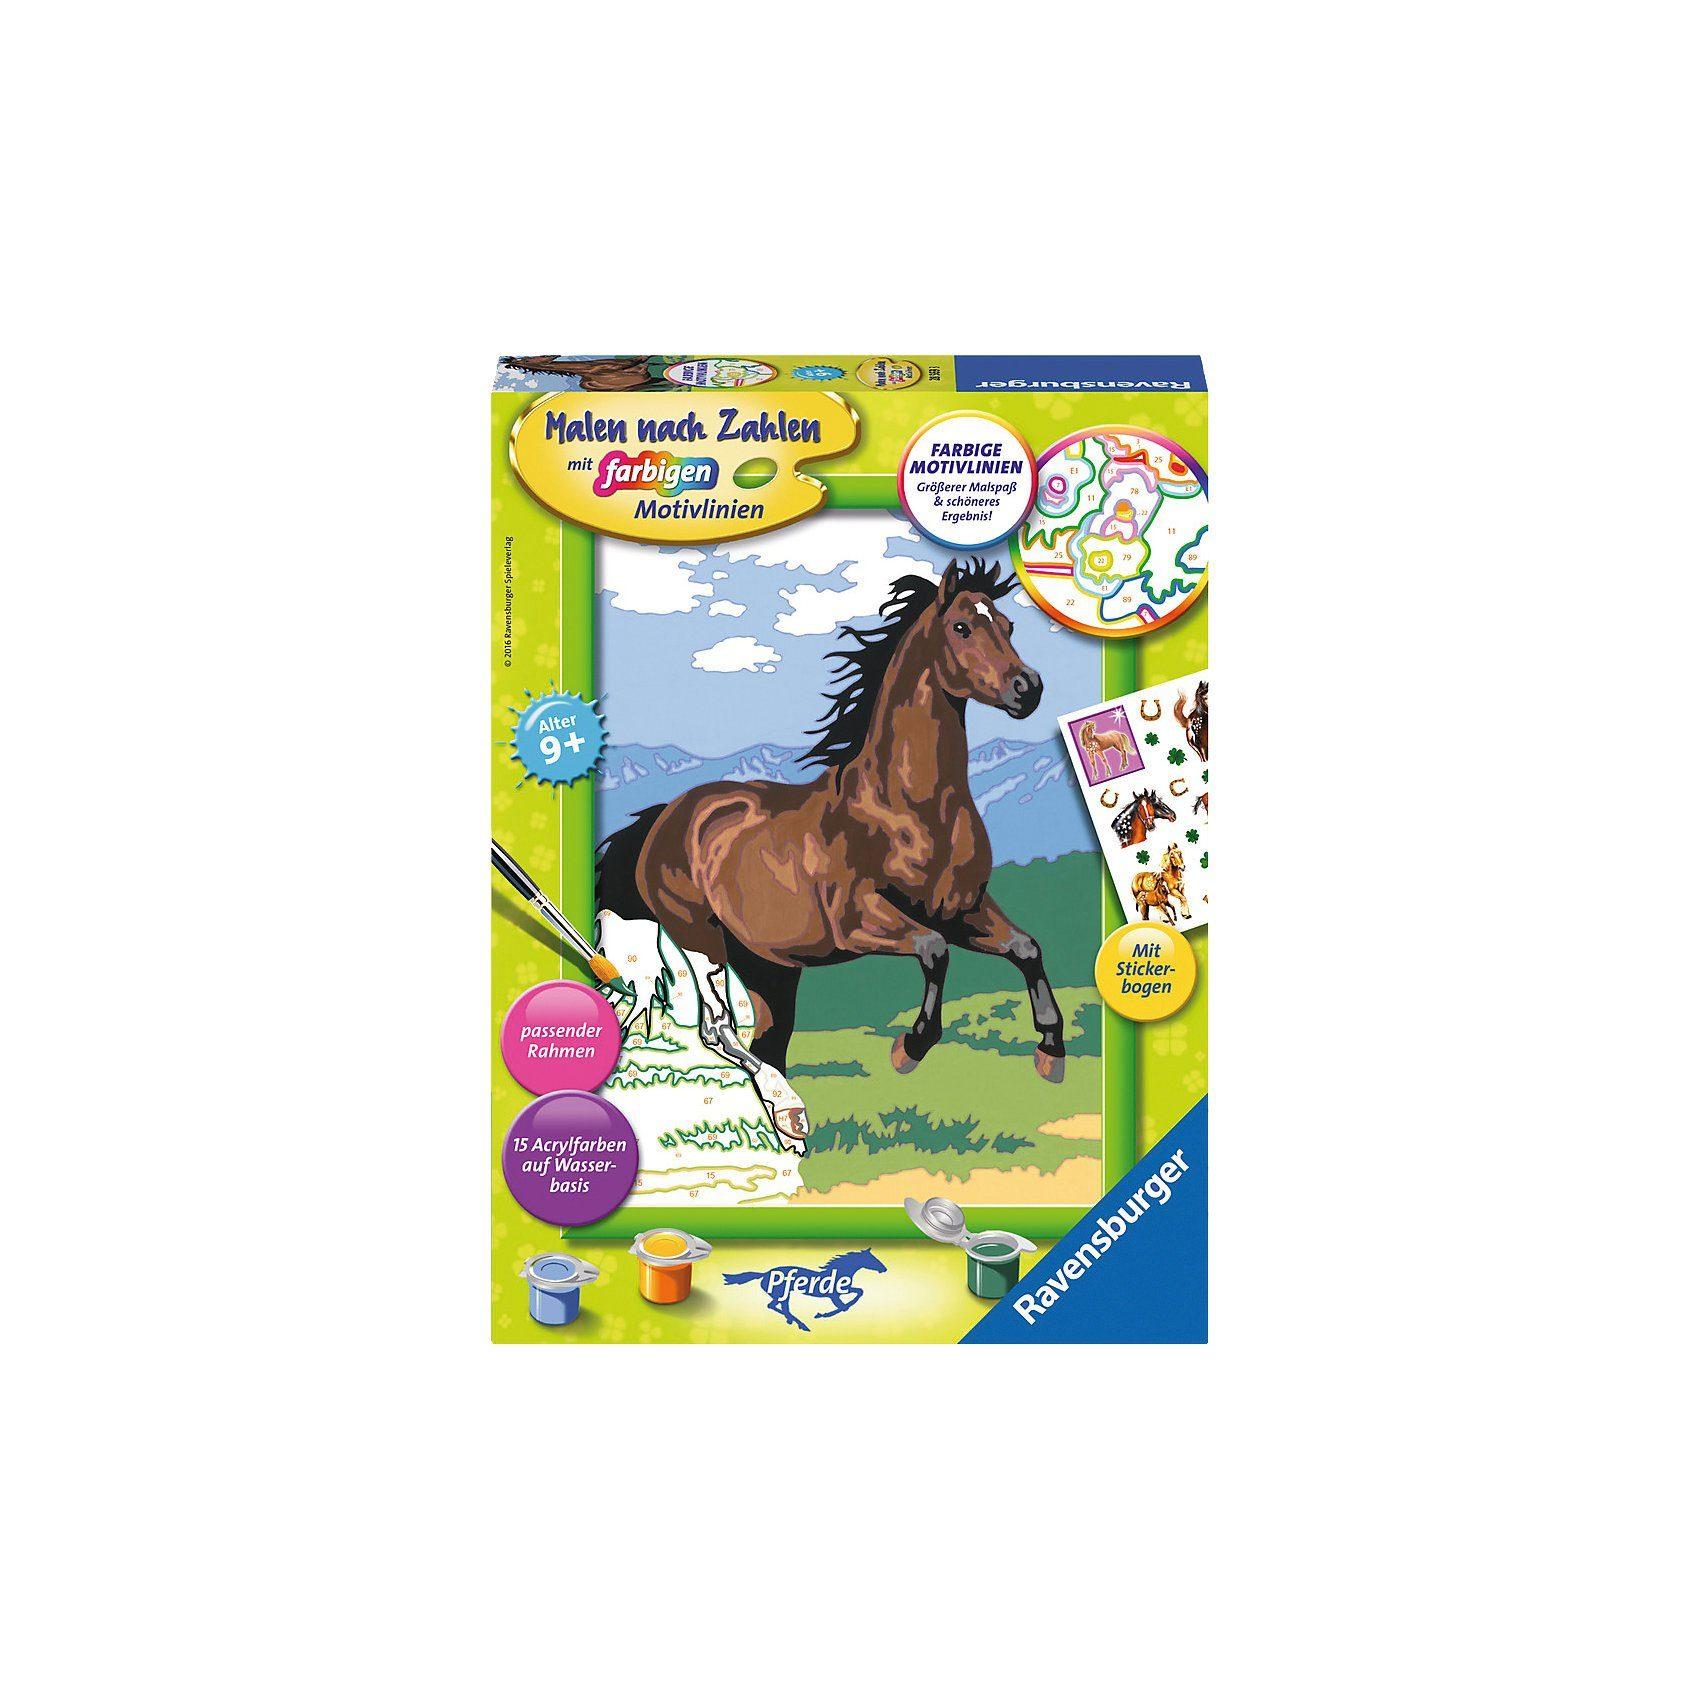 Ravensburger Malen nach Zahlen Galoppierendes Pferd mit Stickerbogen